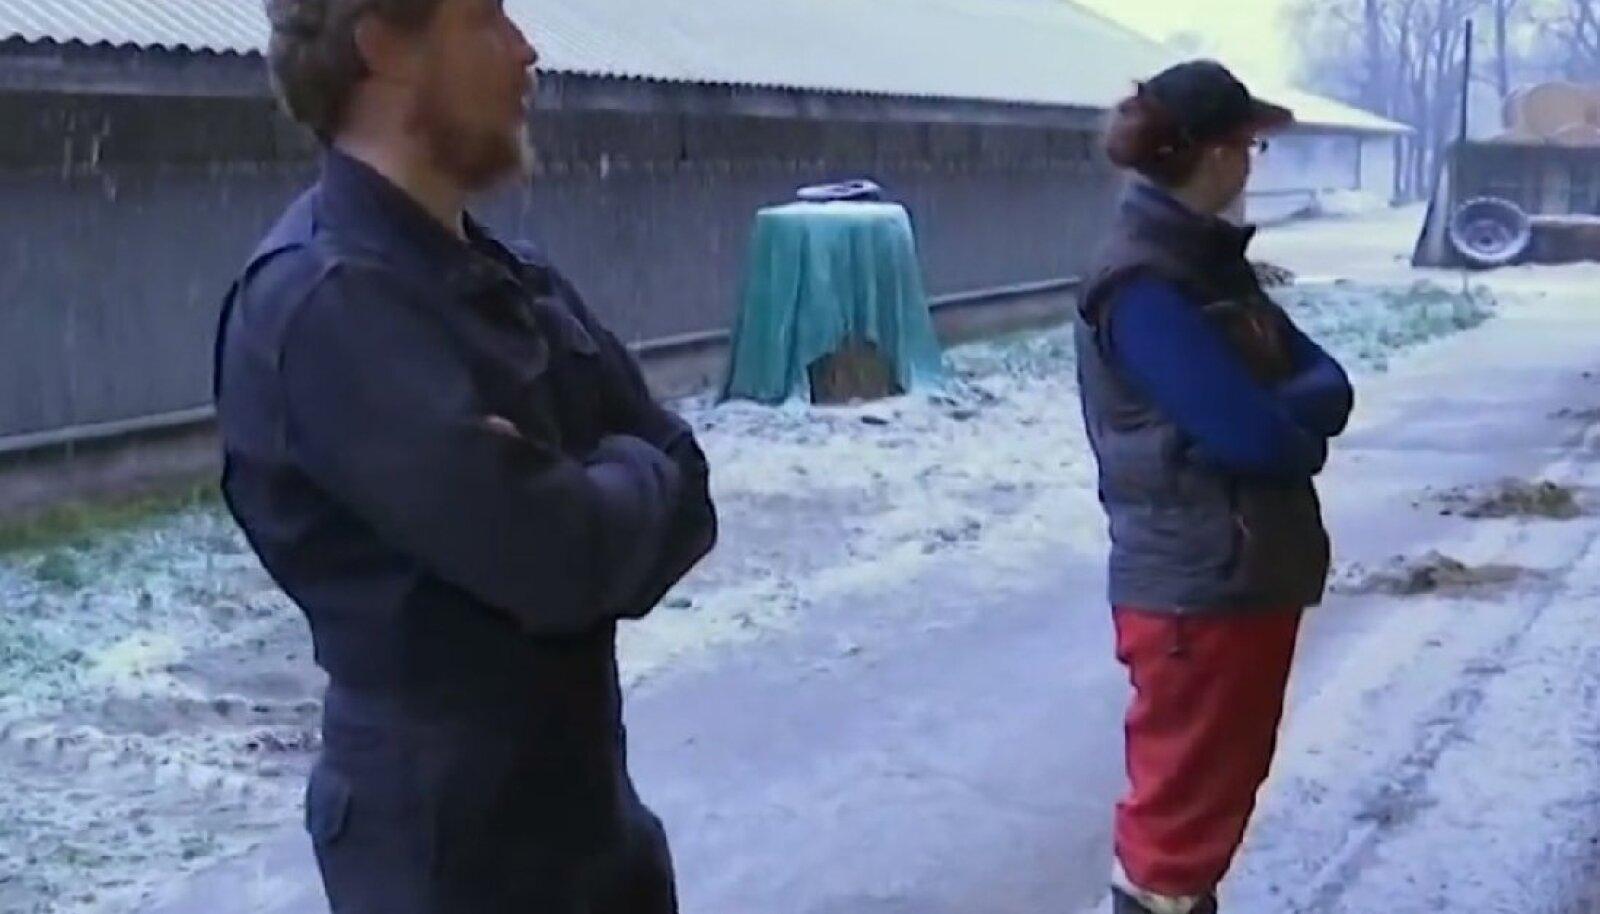 Risti Agro töötajad Veiko Taalkis ja Liina Eilmann peavad ka pühade ajal olema töövalves.